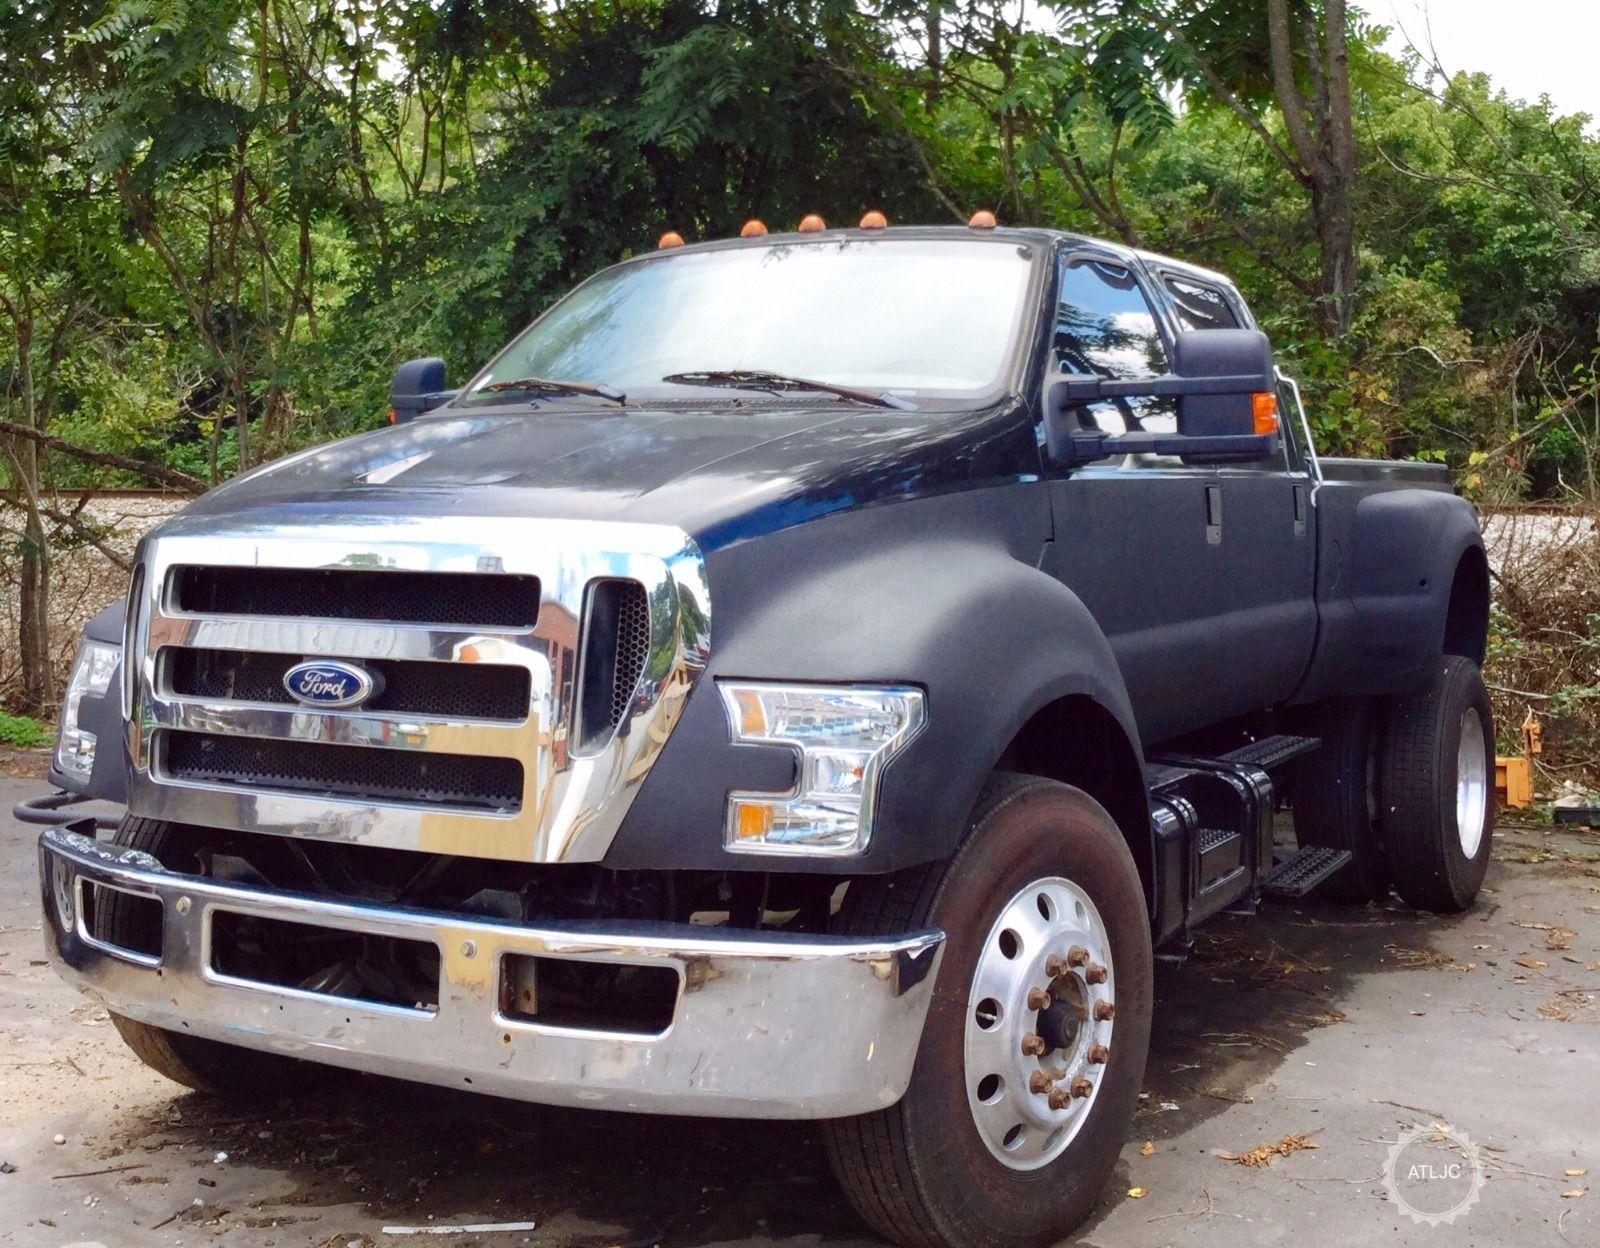 custom built 2000 ford pickups f650 monster for sale. Black Bedroom Furniture Sets. Home Design Ideas